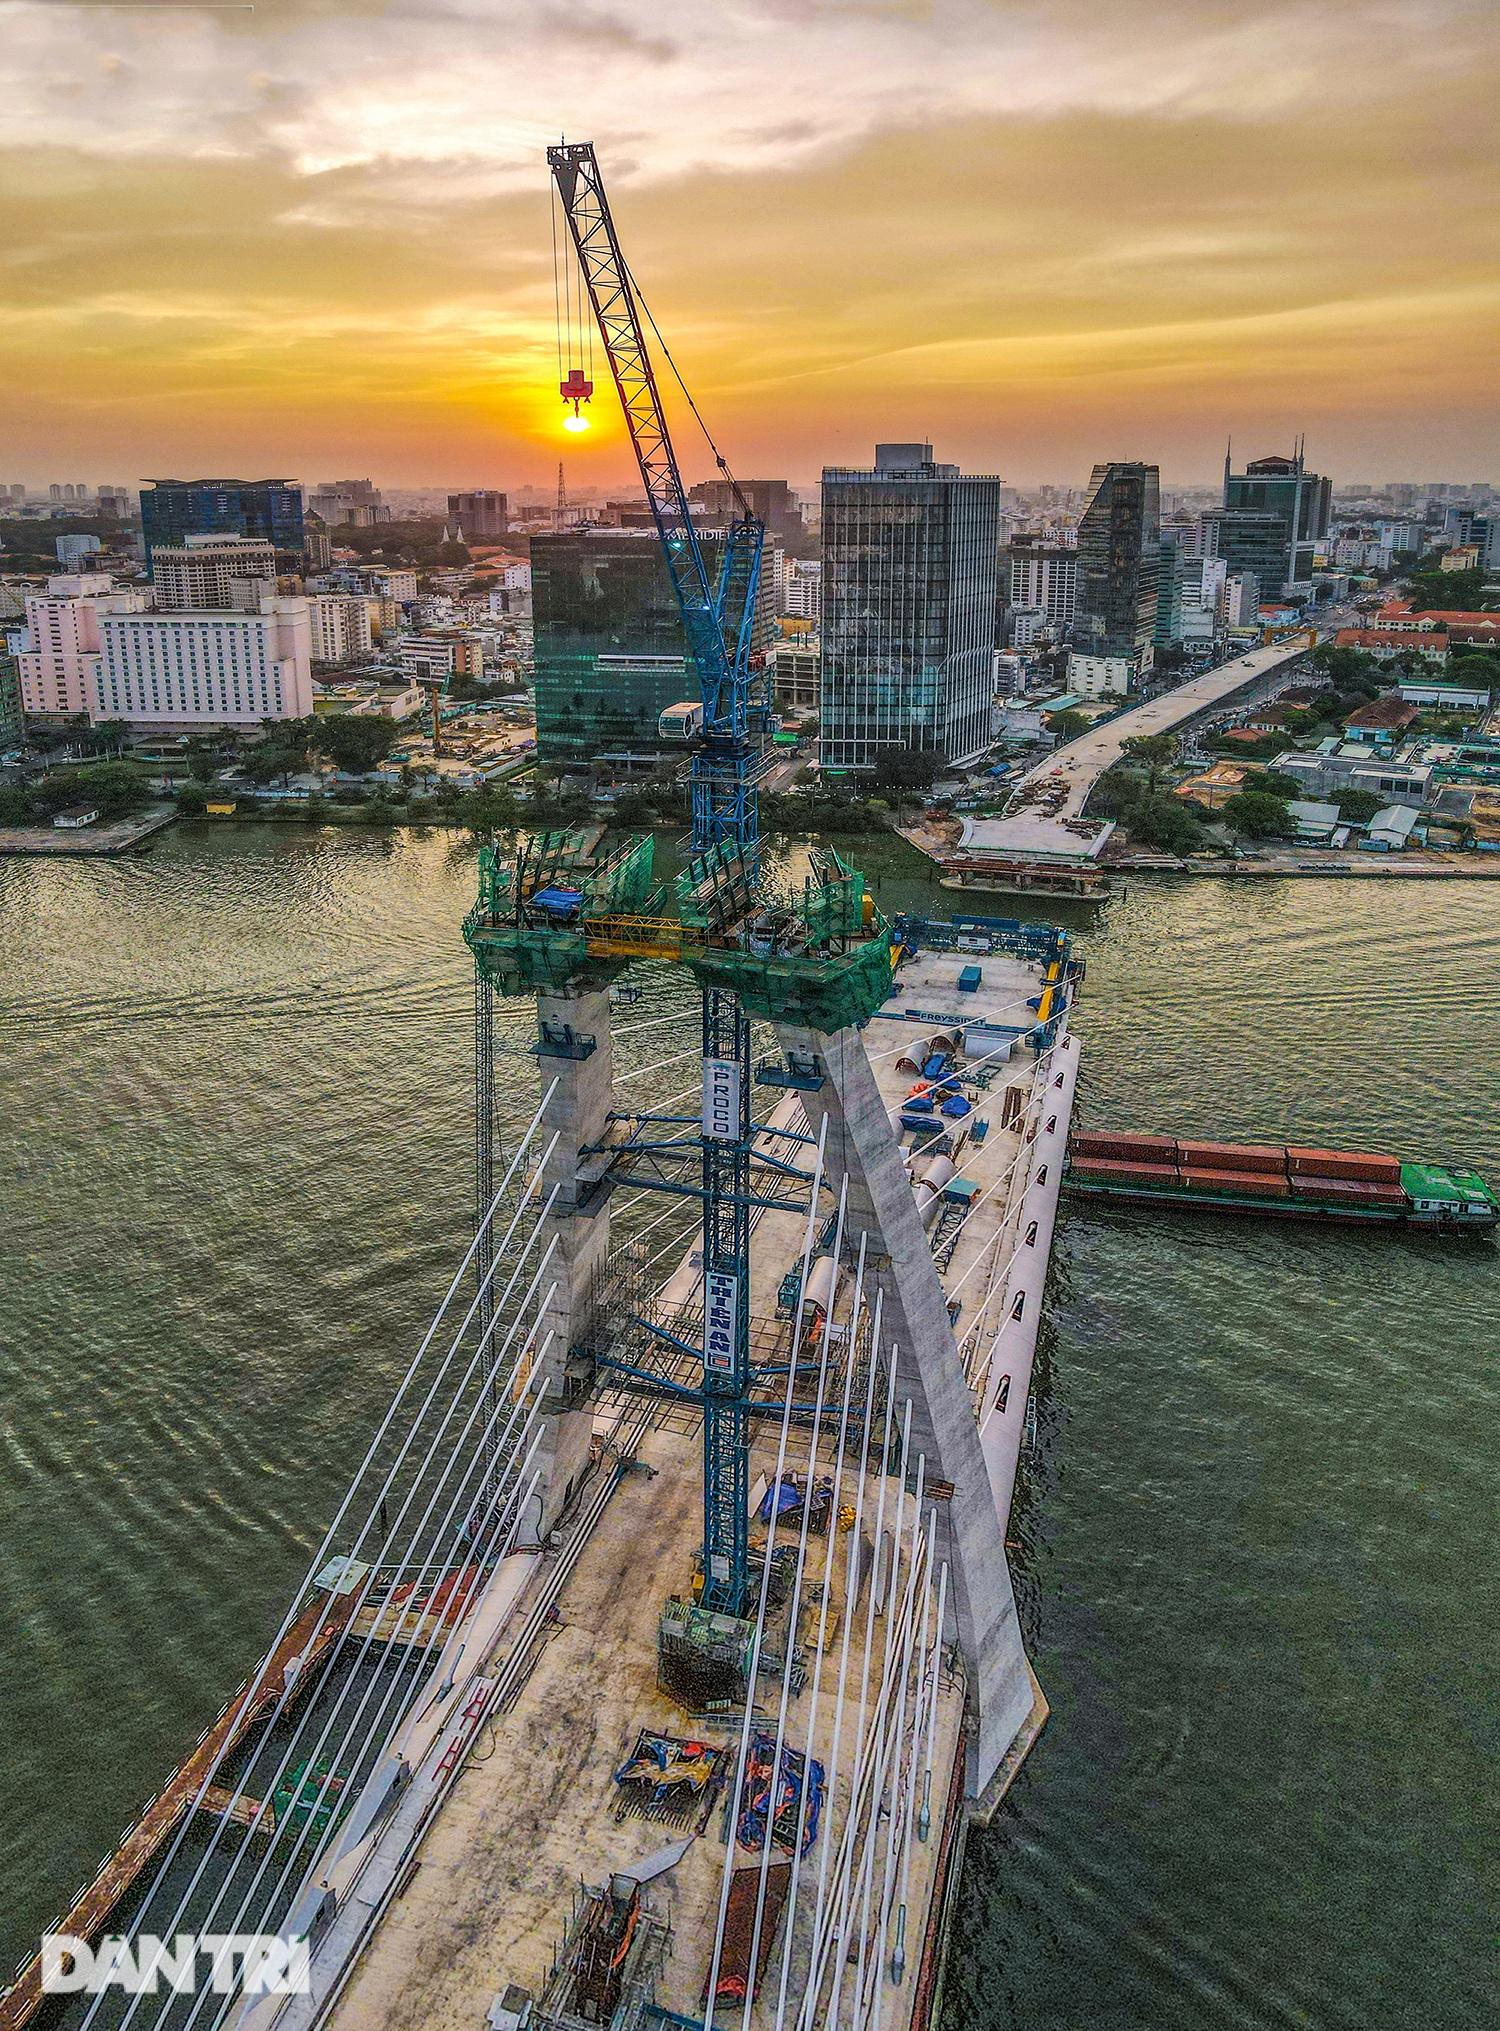 Thành phố Hồ Chí Minh - Vẻ đẹp của một Siêu đô thị hiện đại - 18